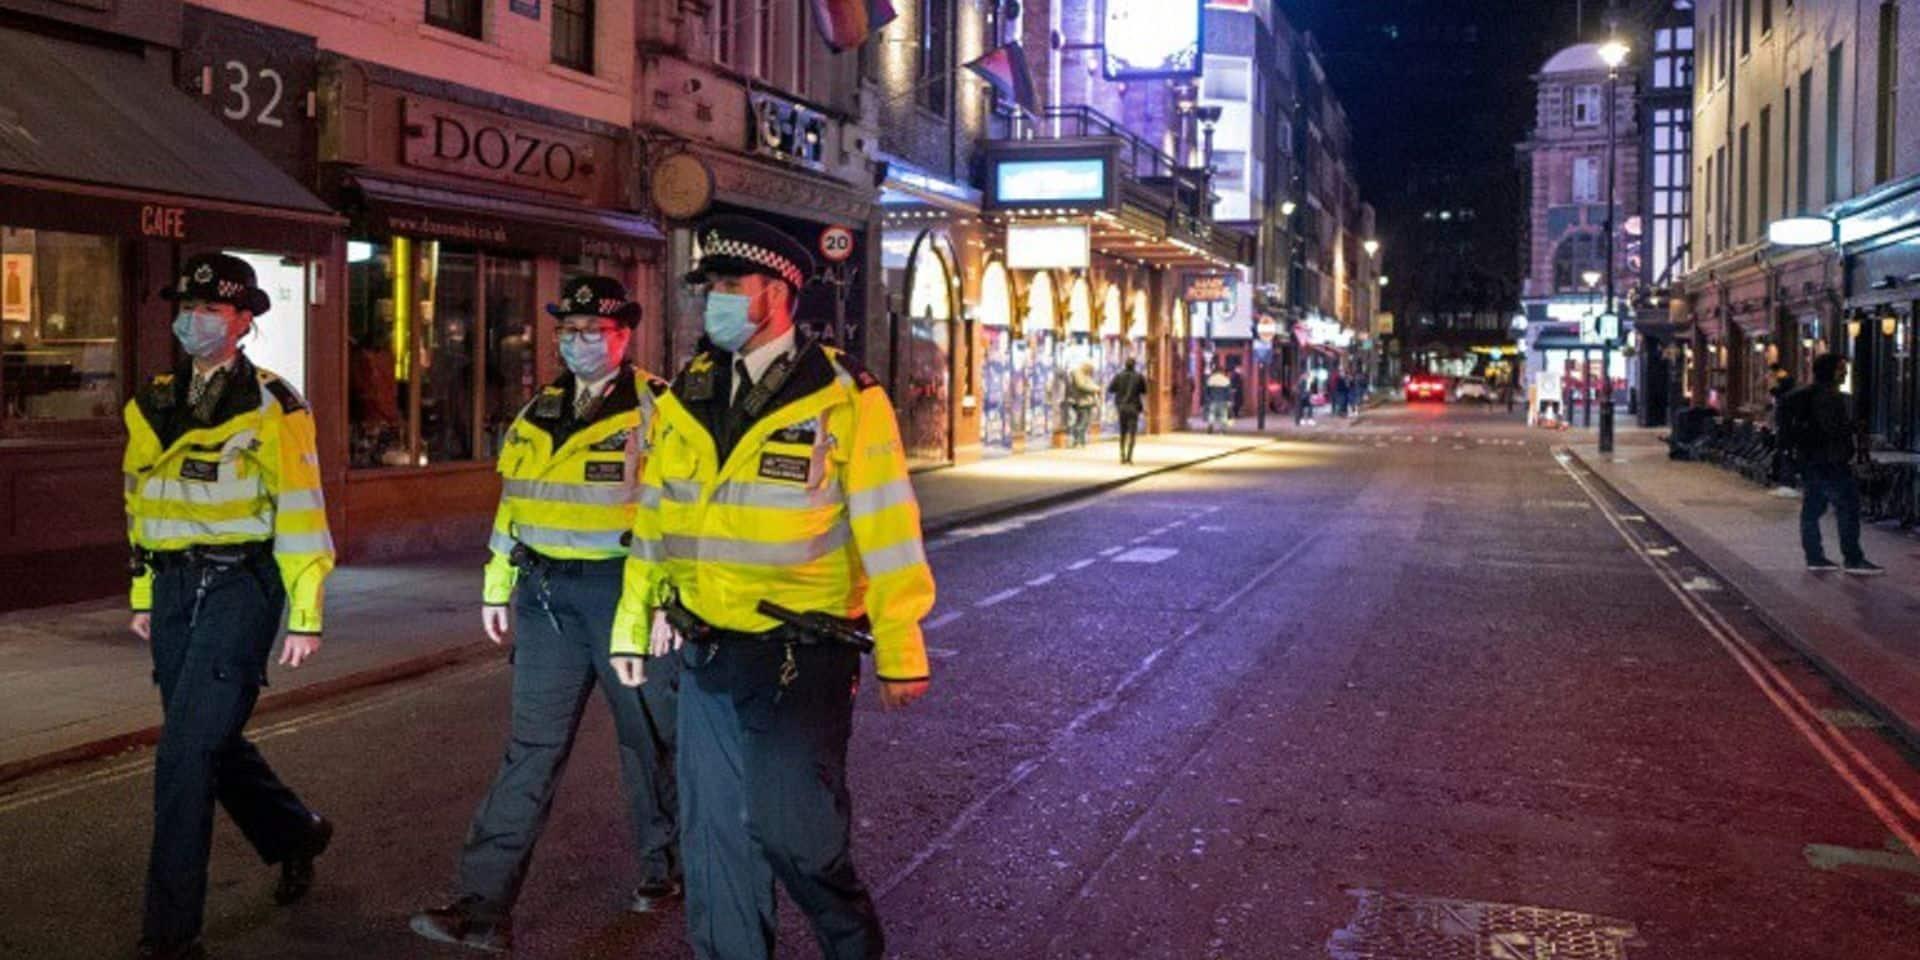 """Au lendemain des attaques de Vienne, le niveau d'alerte terroriste relevé à """"grave"""" au Royaume-Uni"""